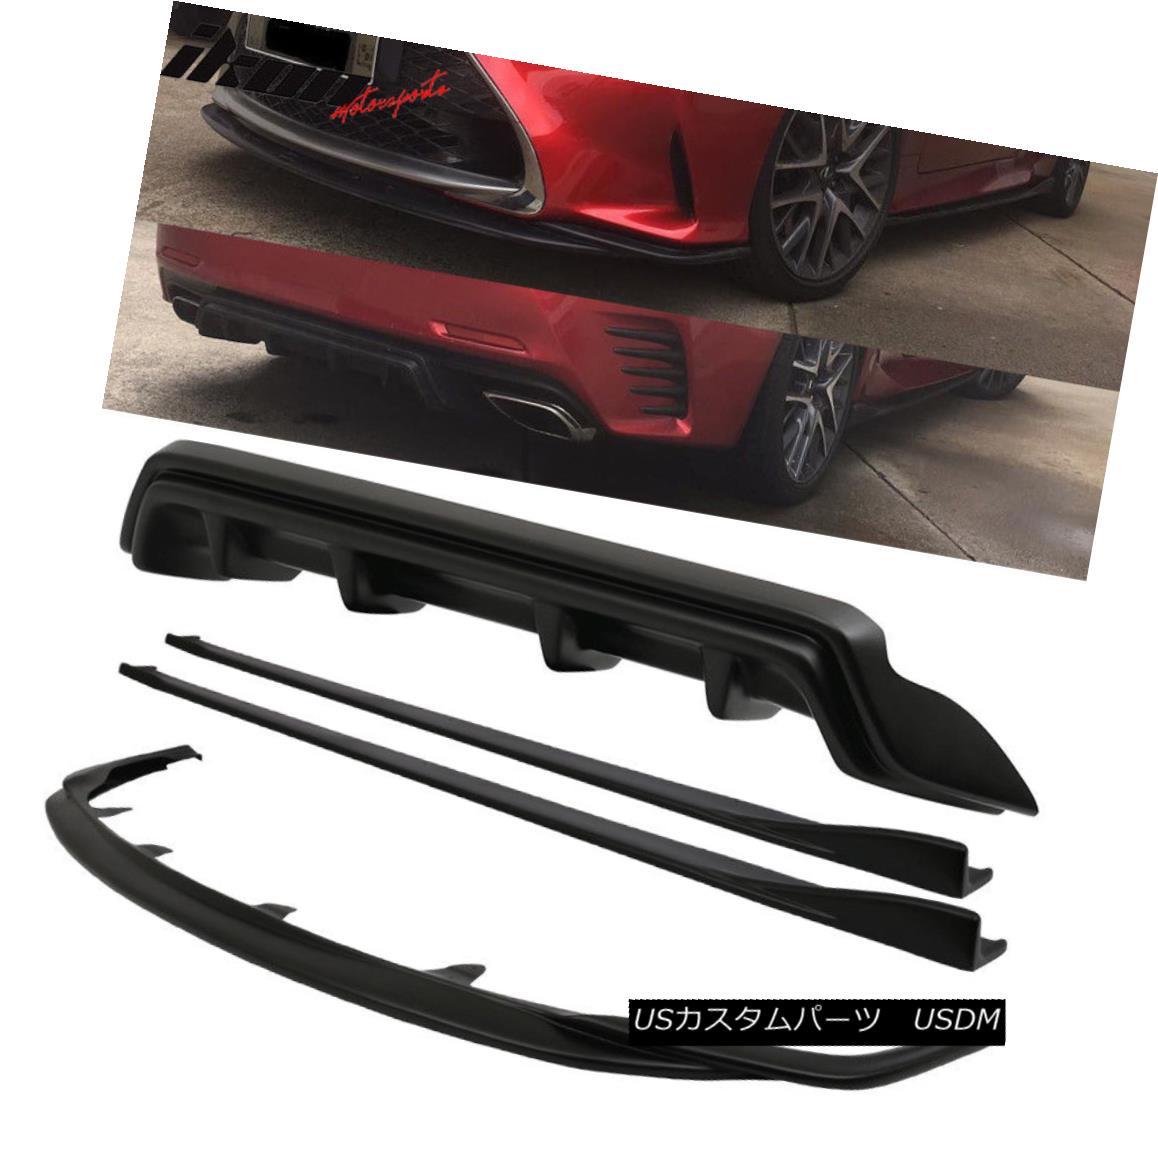 エアロパーツ Fits 15-17 Lexus RC300 RC350 F-Sport Silkblaze Style Full Lip Kit Conversion PP フィット15-17レクサスRC300 RC350 Fスポーツシルクブラシスタイルフルリップキットの変換PP